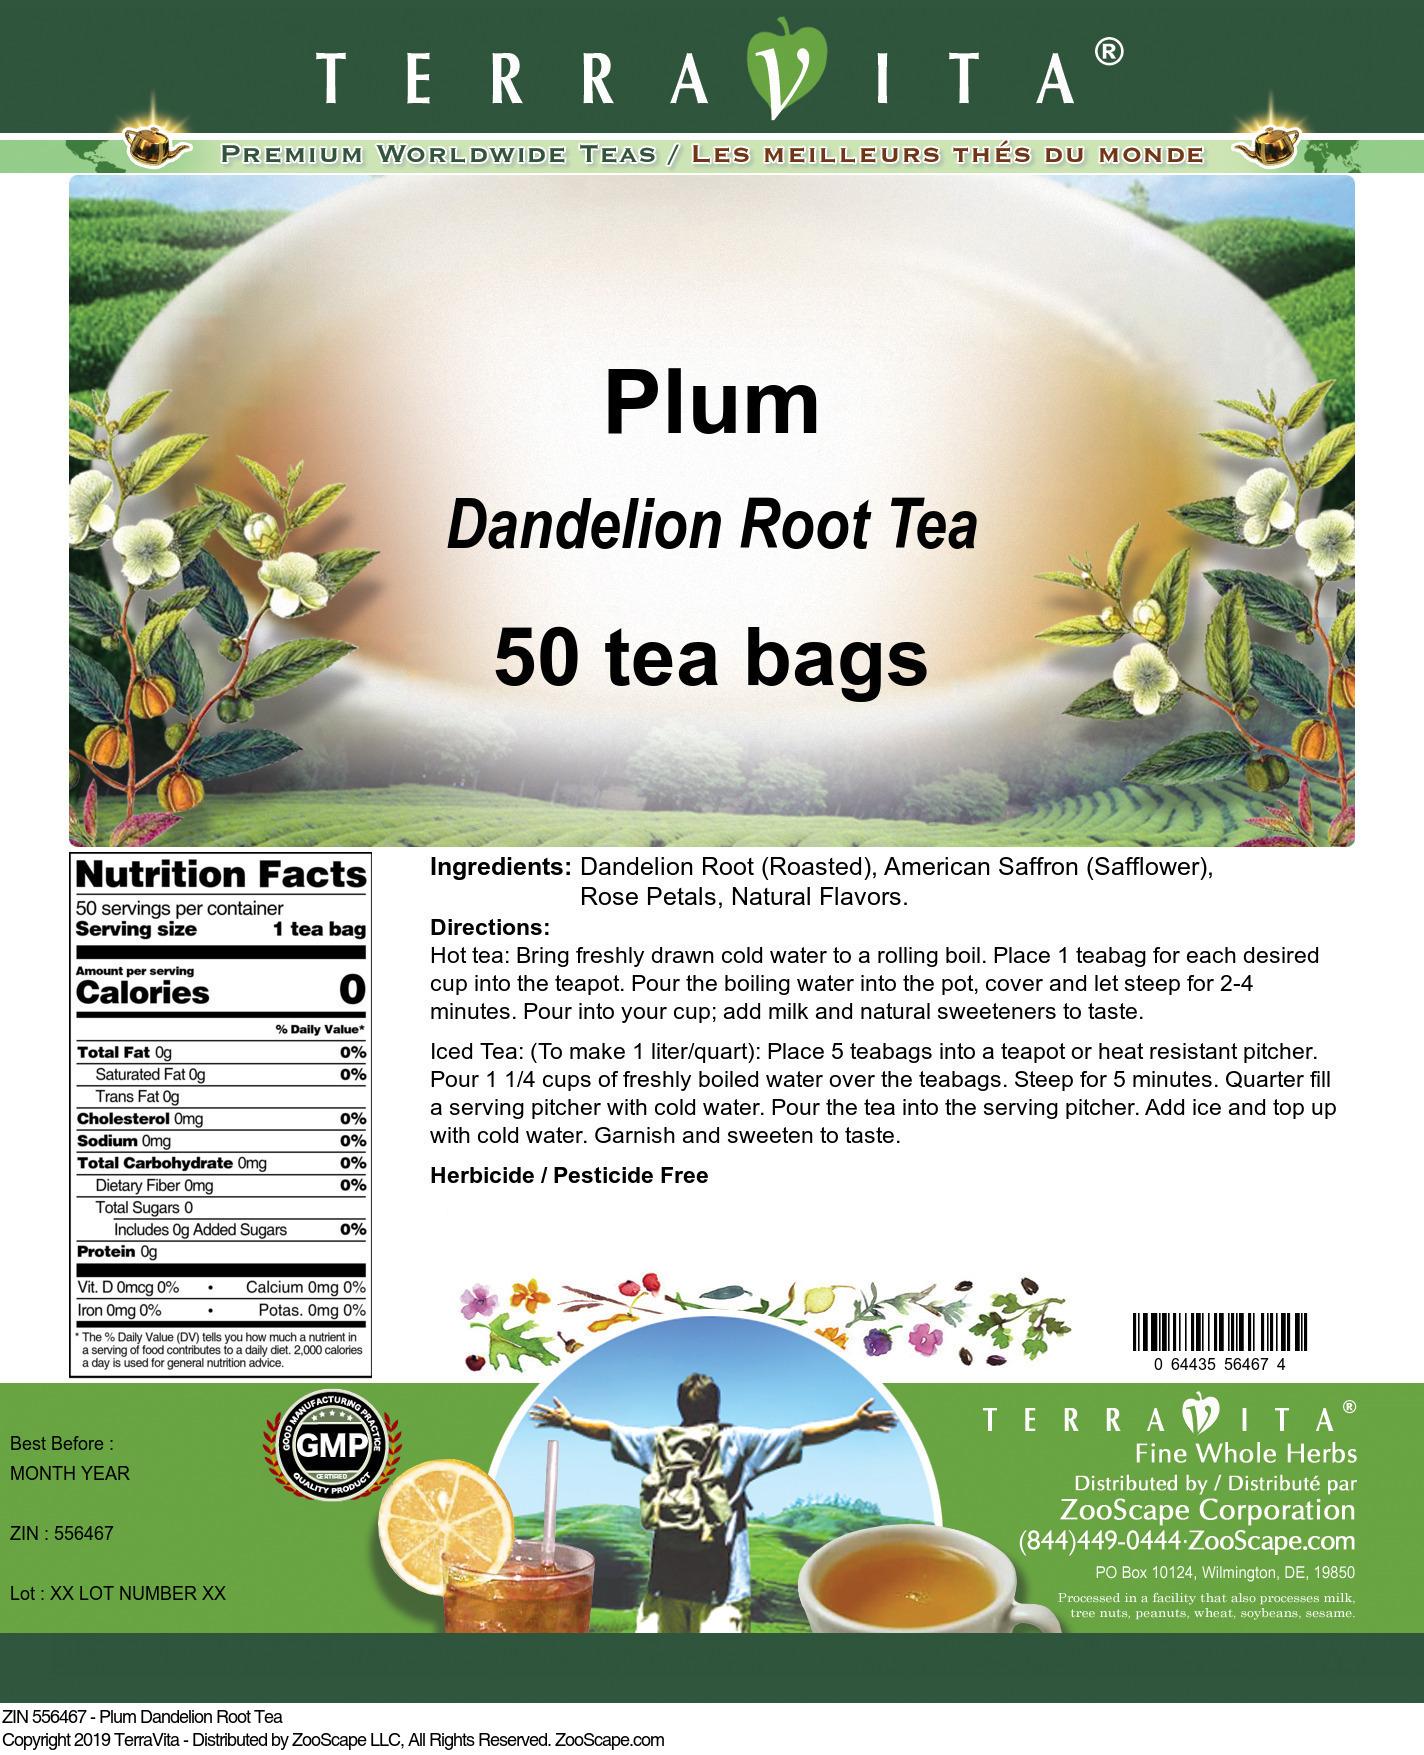 Plum Dandelion Root Tea